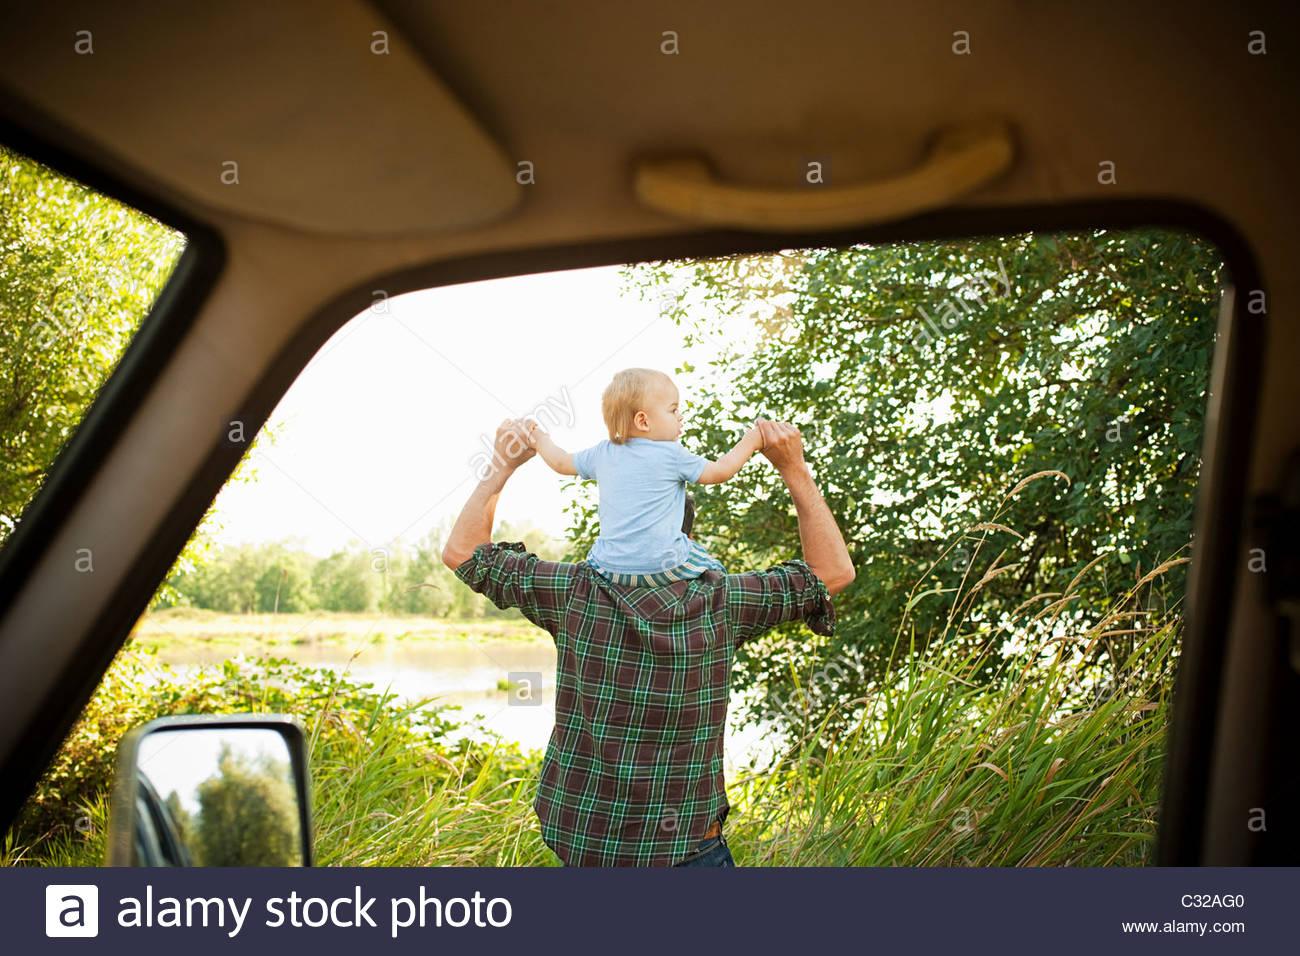 Vater mit Sohn auf Schultern, von einem Auto gesehen Stockbild